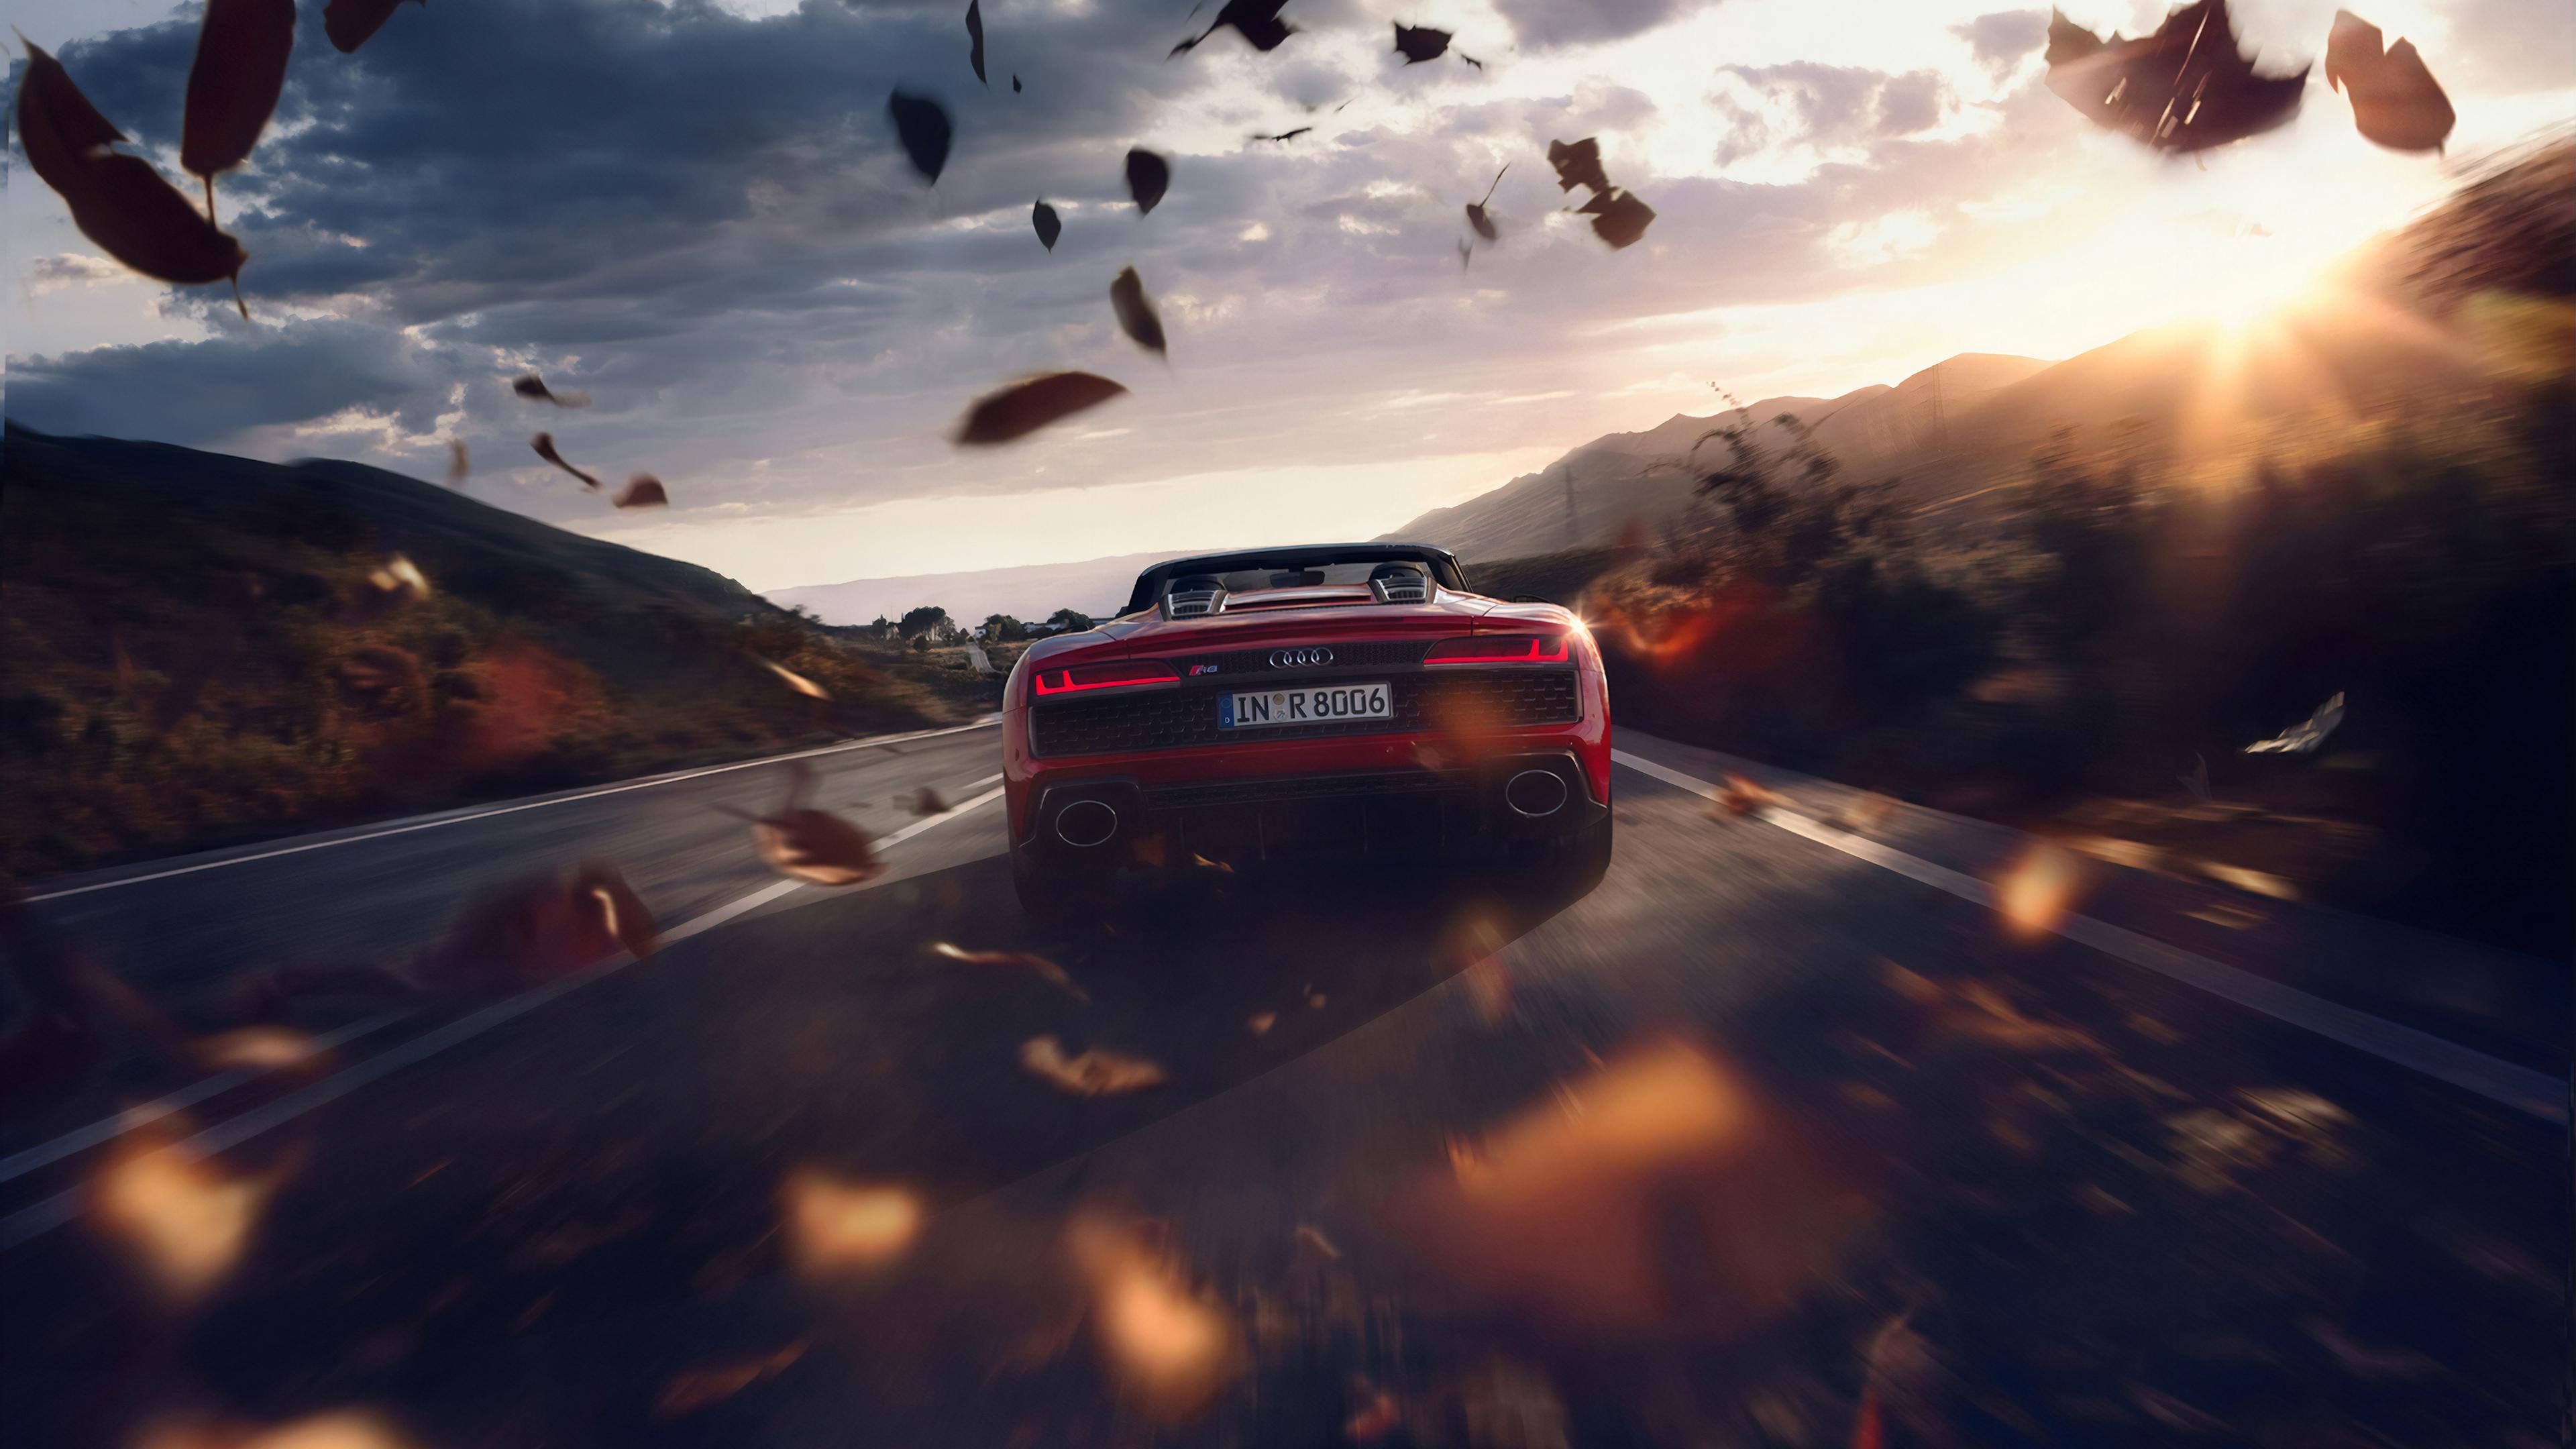 Audi R8 V10 4k Hd Cars 4k Wallpapers Images Backgrounds